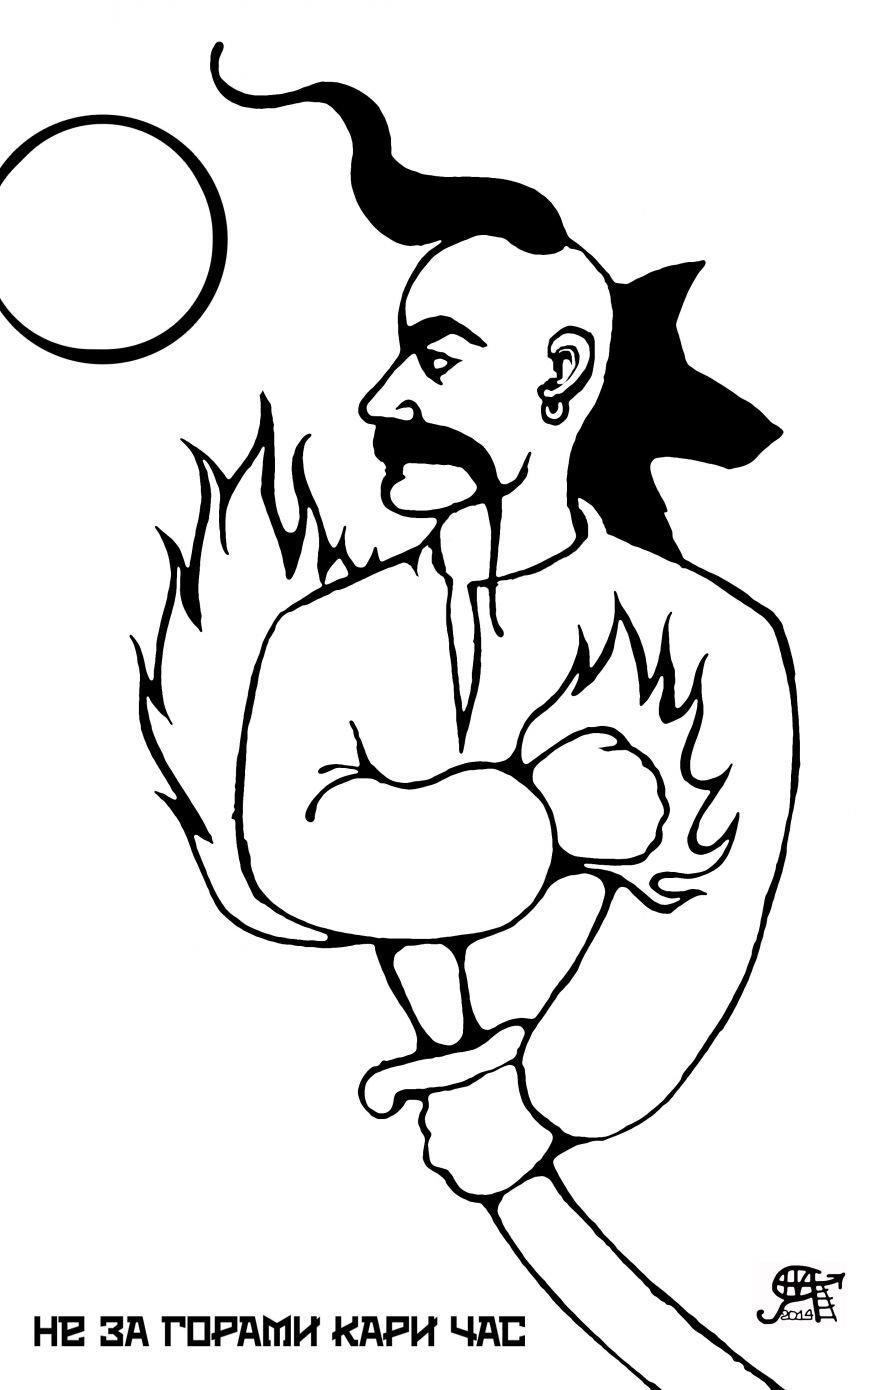 Фольклор как зеркало украинской революции (анекдоты, байки, песни, фото, видео), фото-4